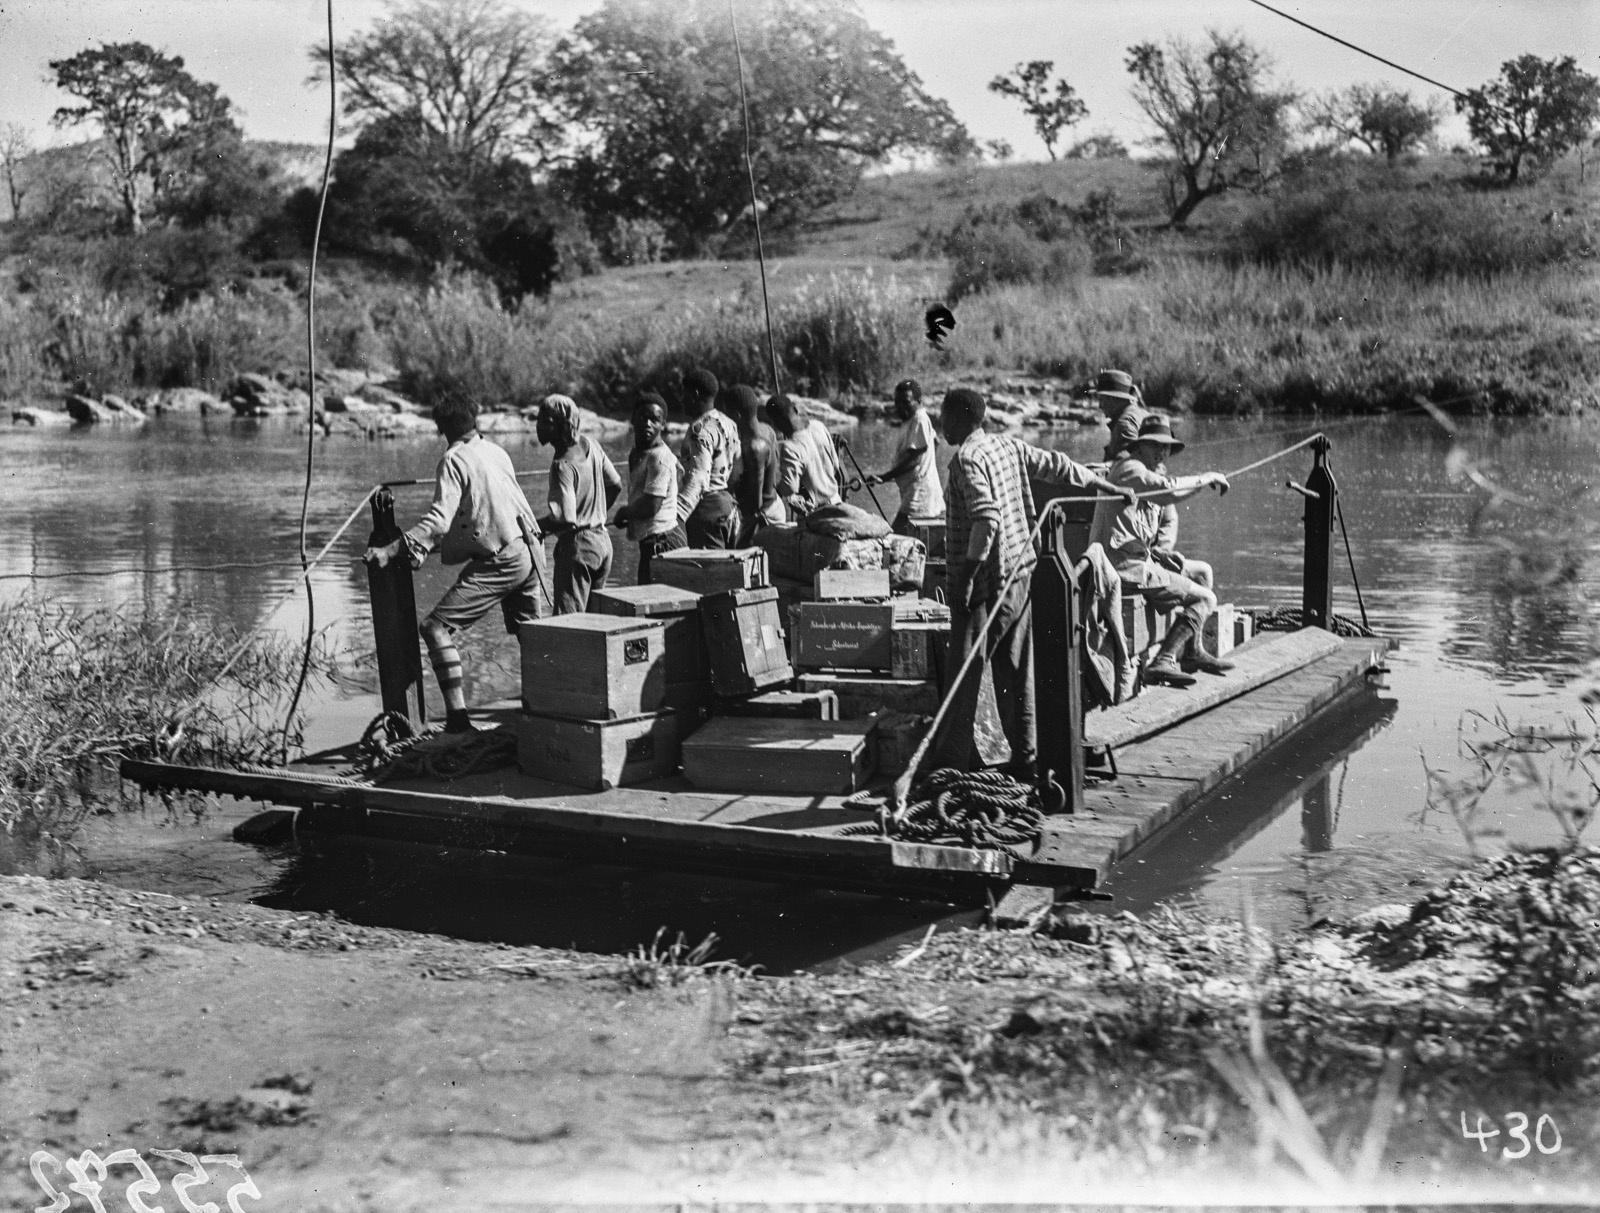 Малалане. Реакционный паром, используемый для перевозки через реку.  Вещи экспедиции погружены на паром